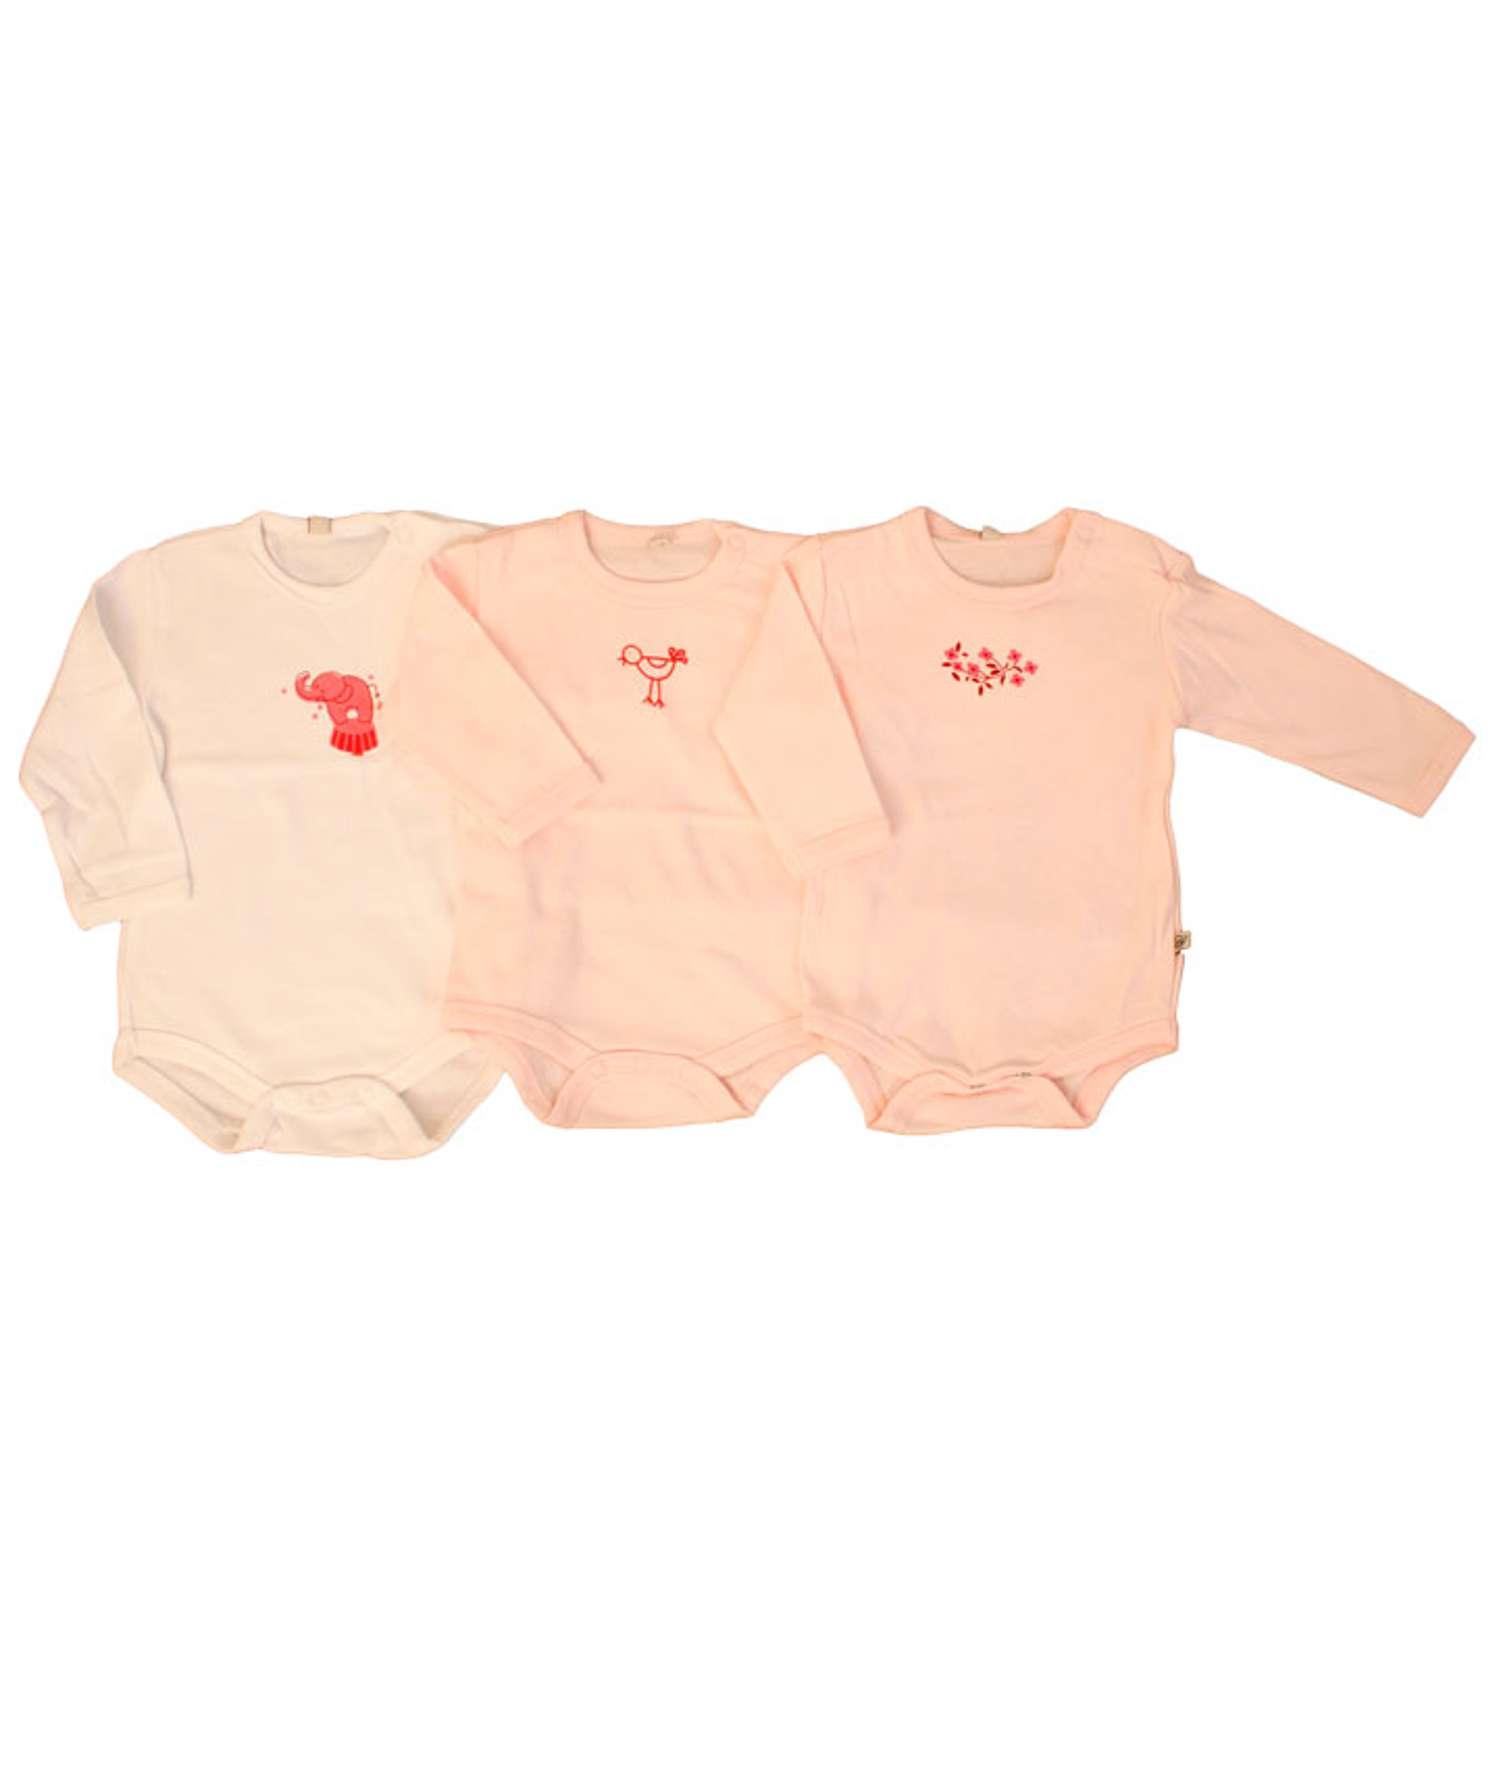 Pippi - Body langærmet - Rosa - Størrelse 50